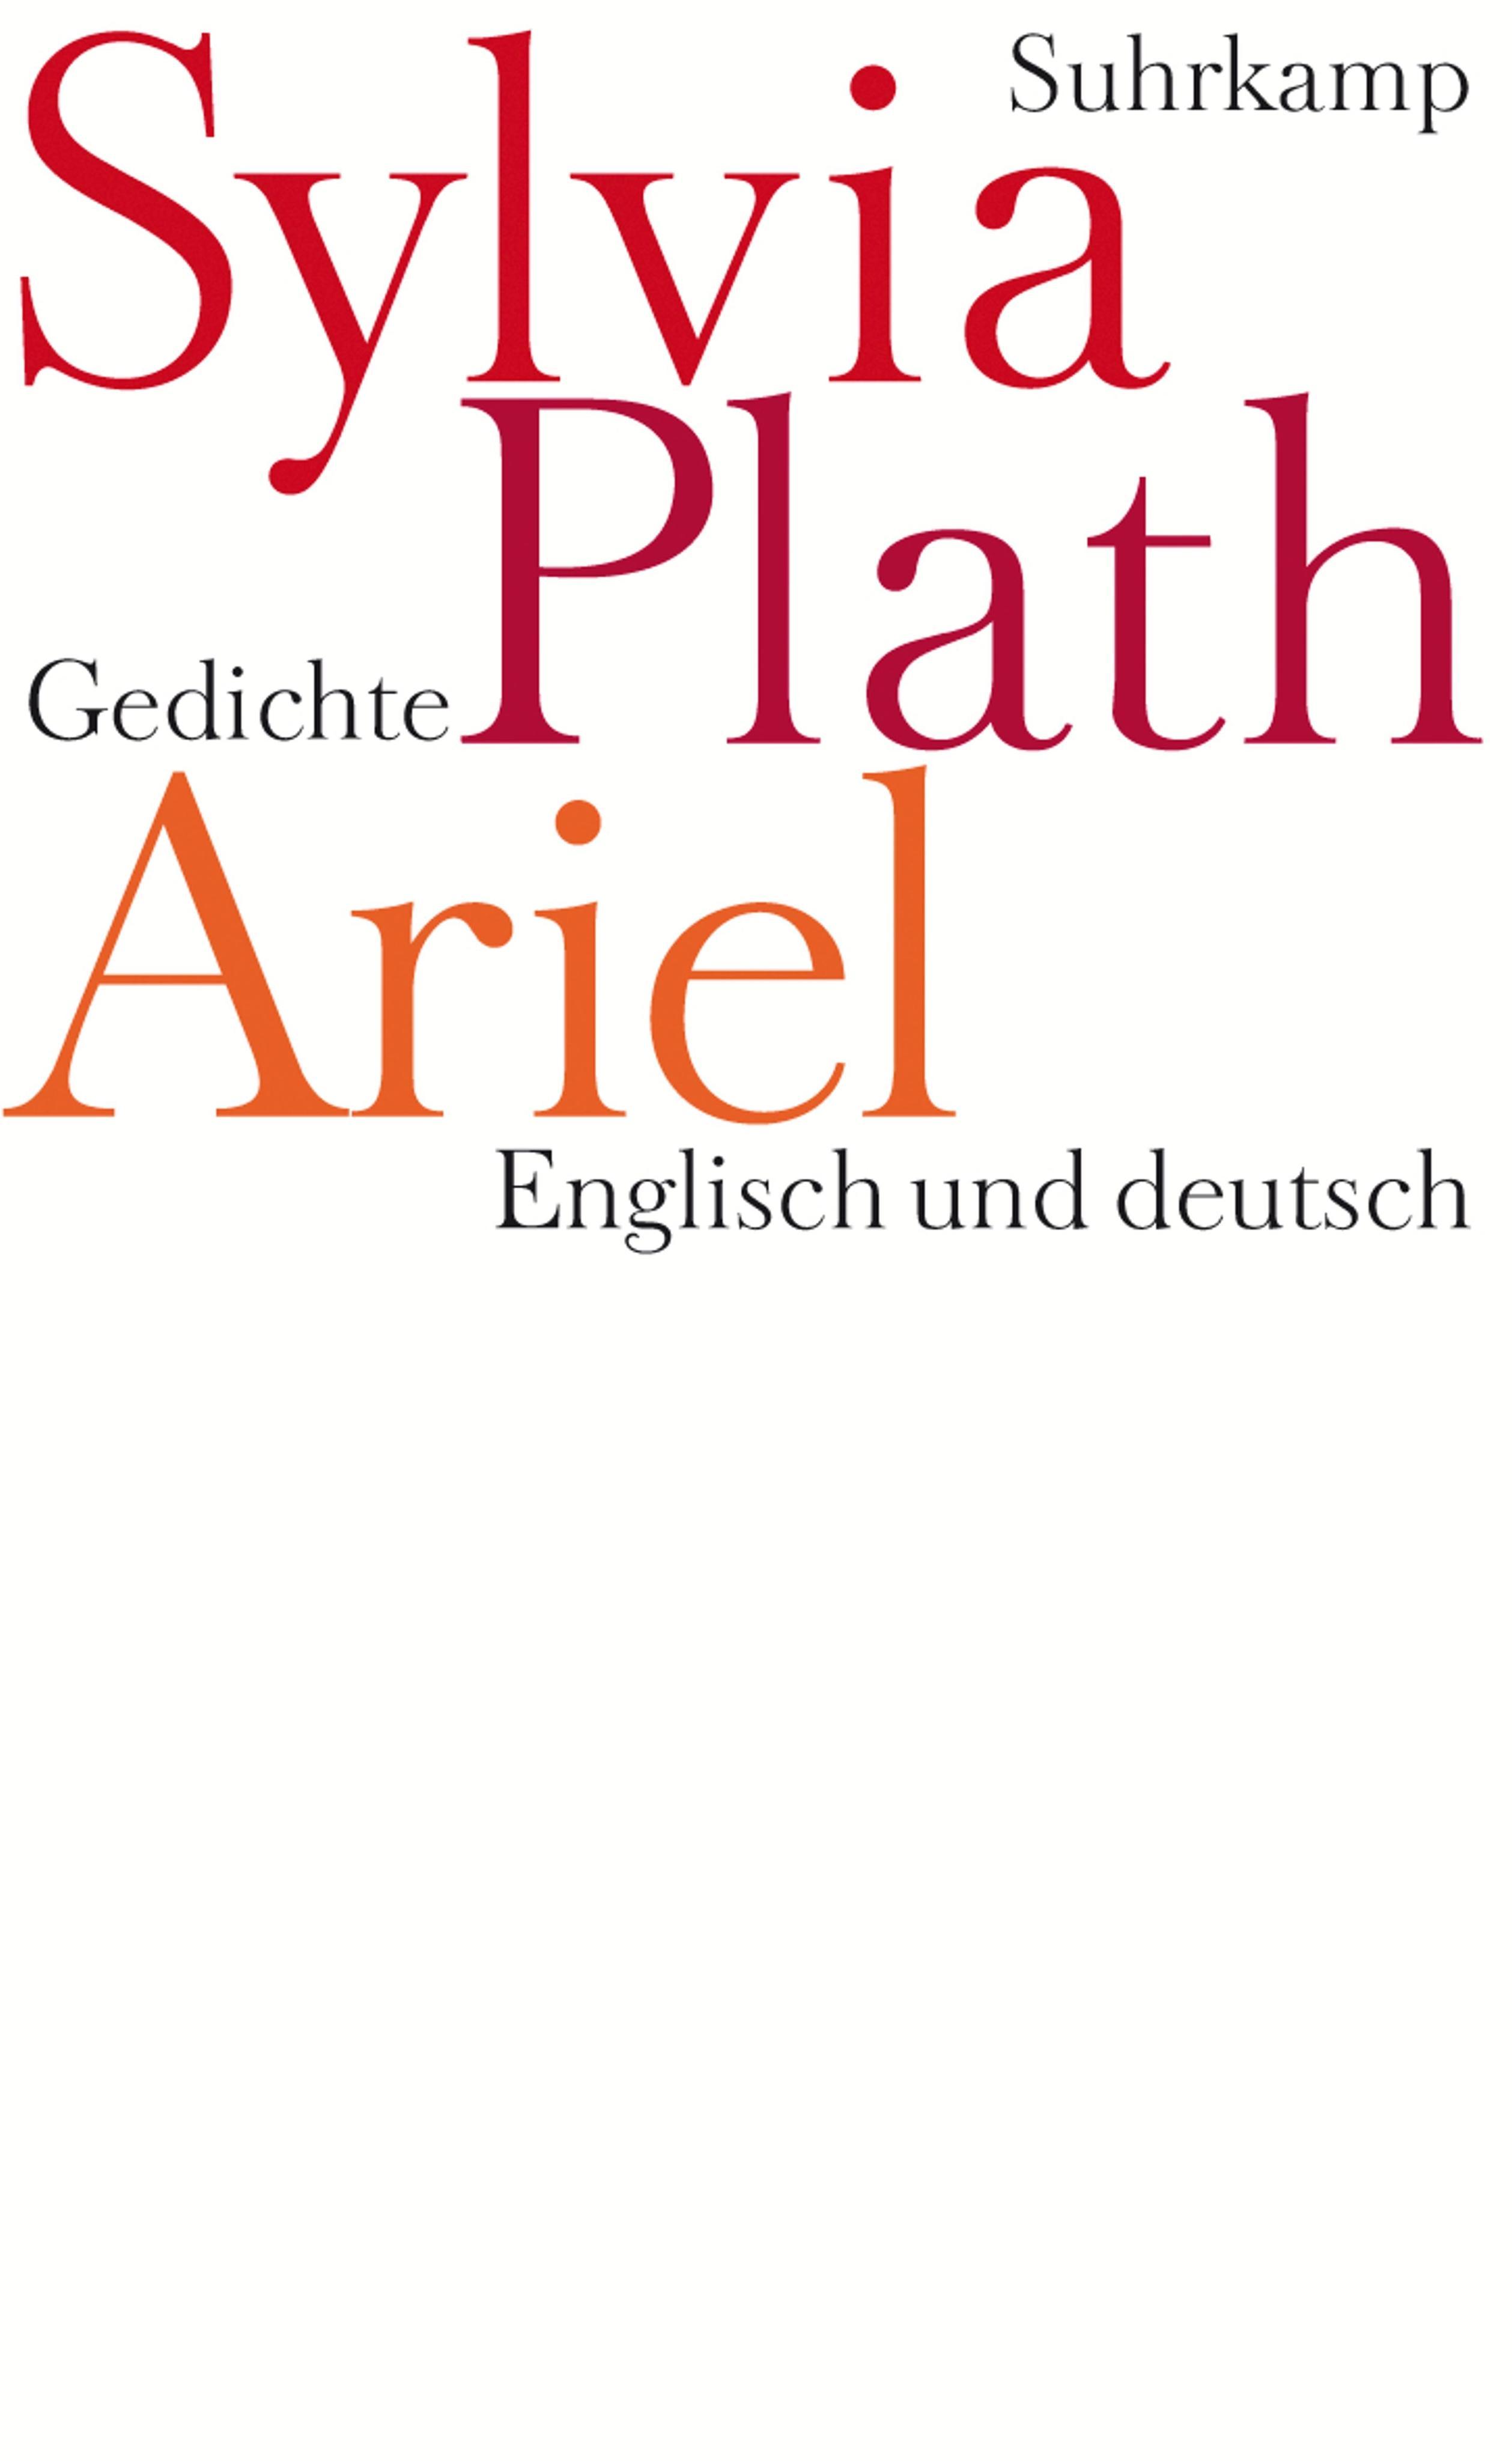 Ariel Sylvia Plath - Deutschland - Vollständige Widerrufsbelehrung Widerrufsrecht für Verbraucher sowie Muster-Widerrufsformular a) Widerrufsrecht für Verbraucher für Fernabsatzverträge/Vertragsabschlüsse bei eBay Verbraucher – d.h. jede natürliche Person, die ein Re - Deutschland